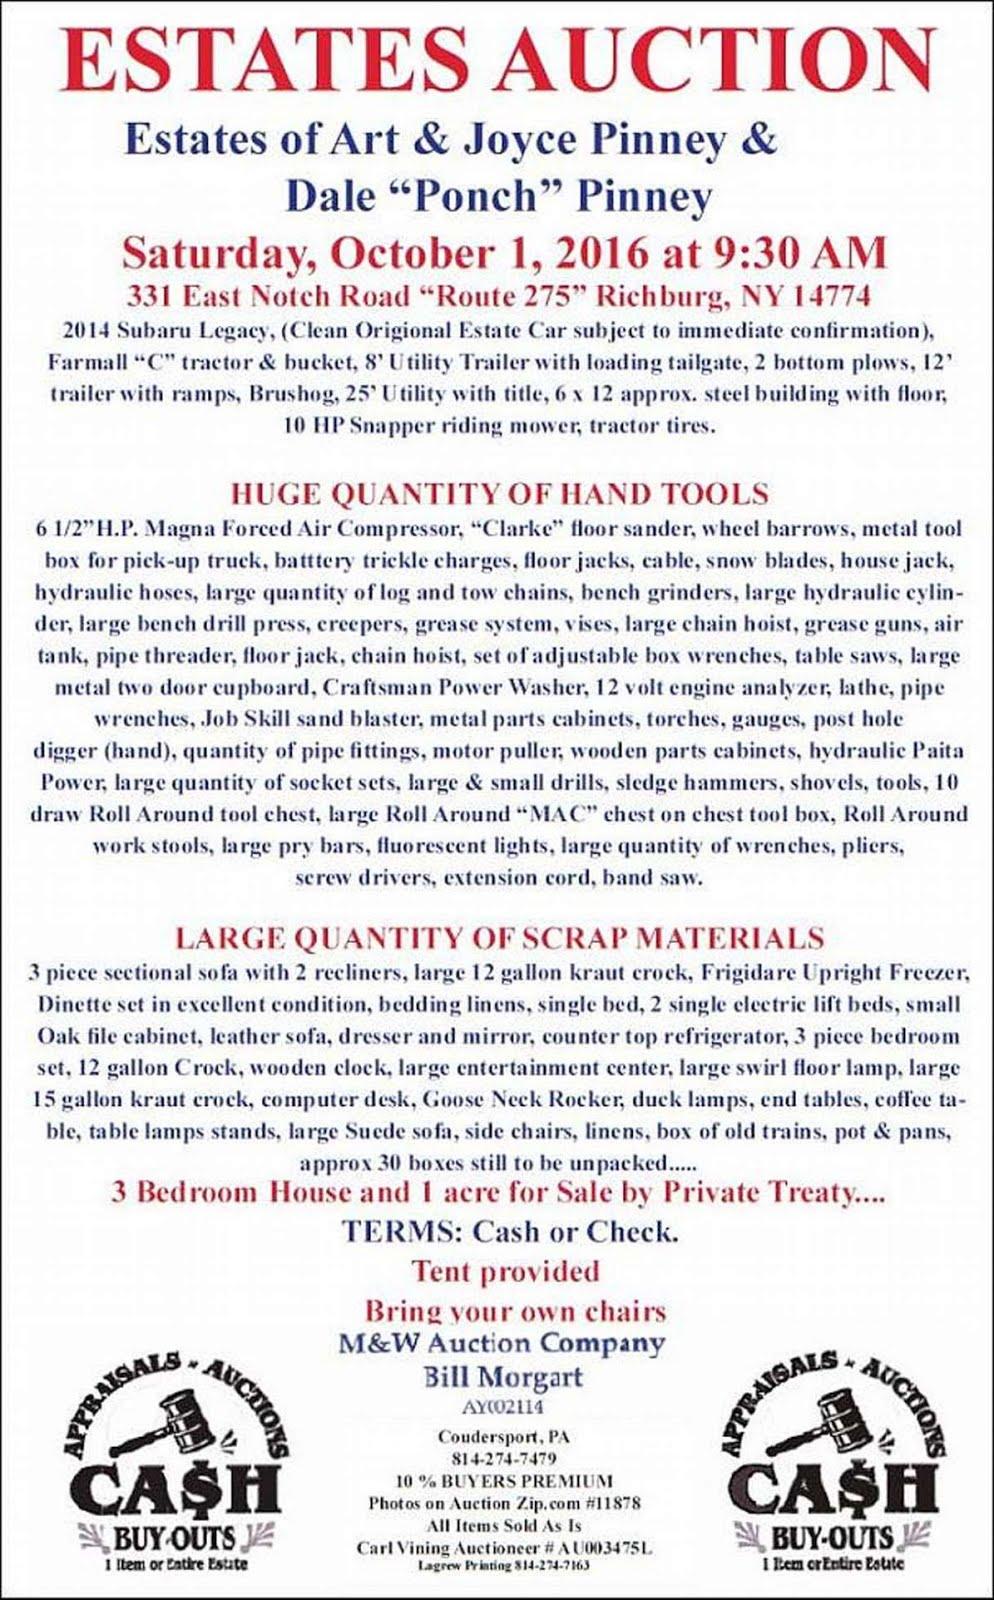 M & W Auctions